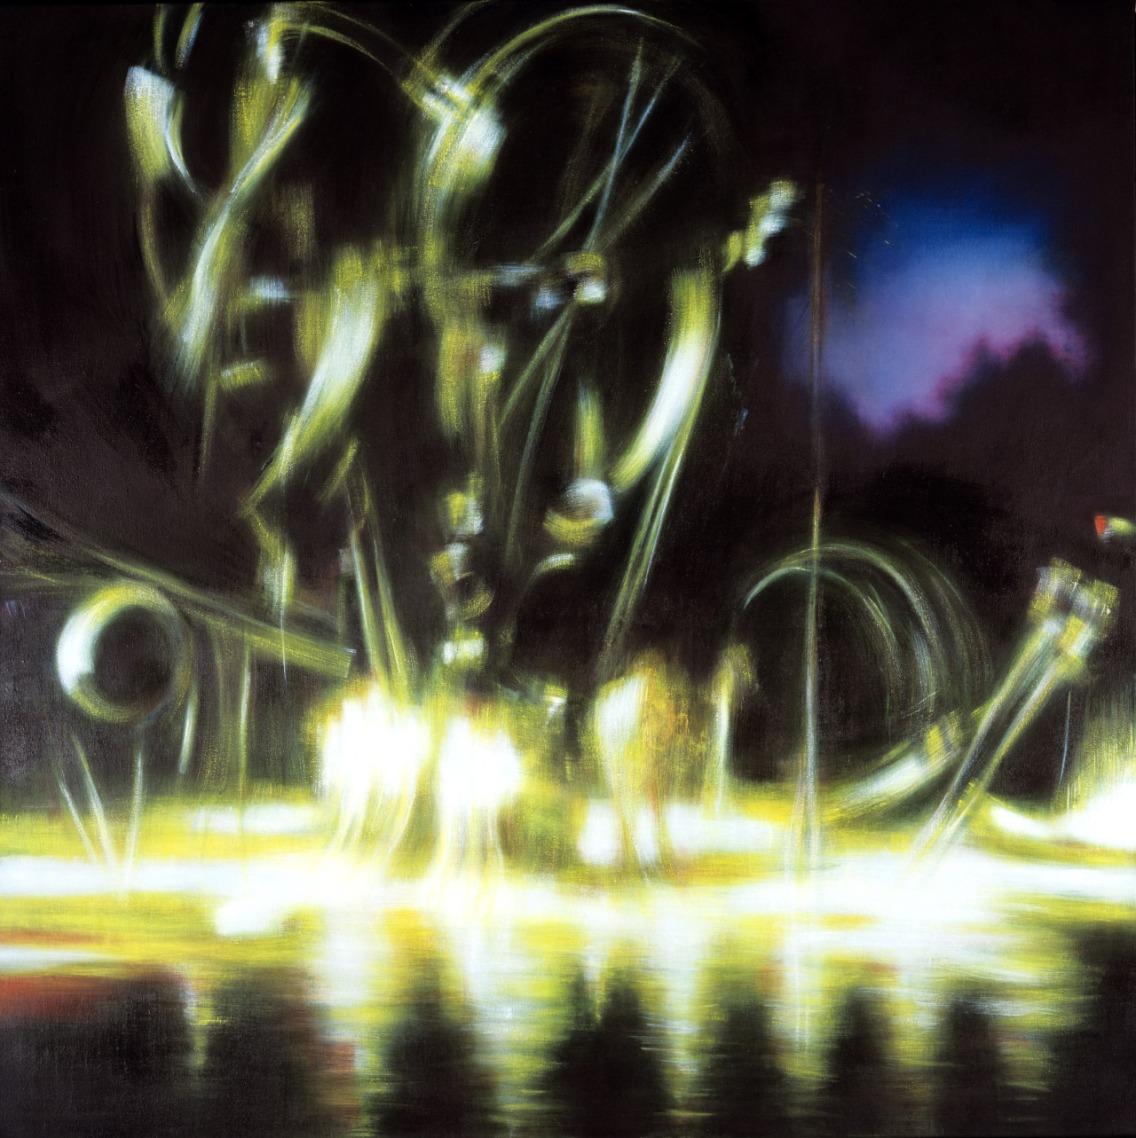 Notturno, 160 x 160 cm, 2004/05